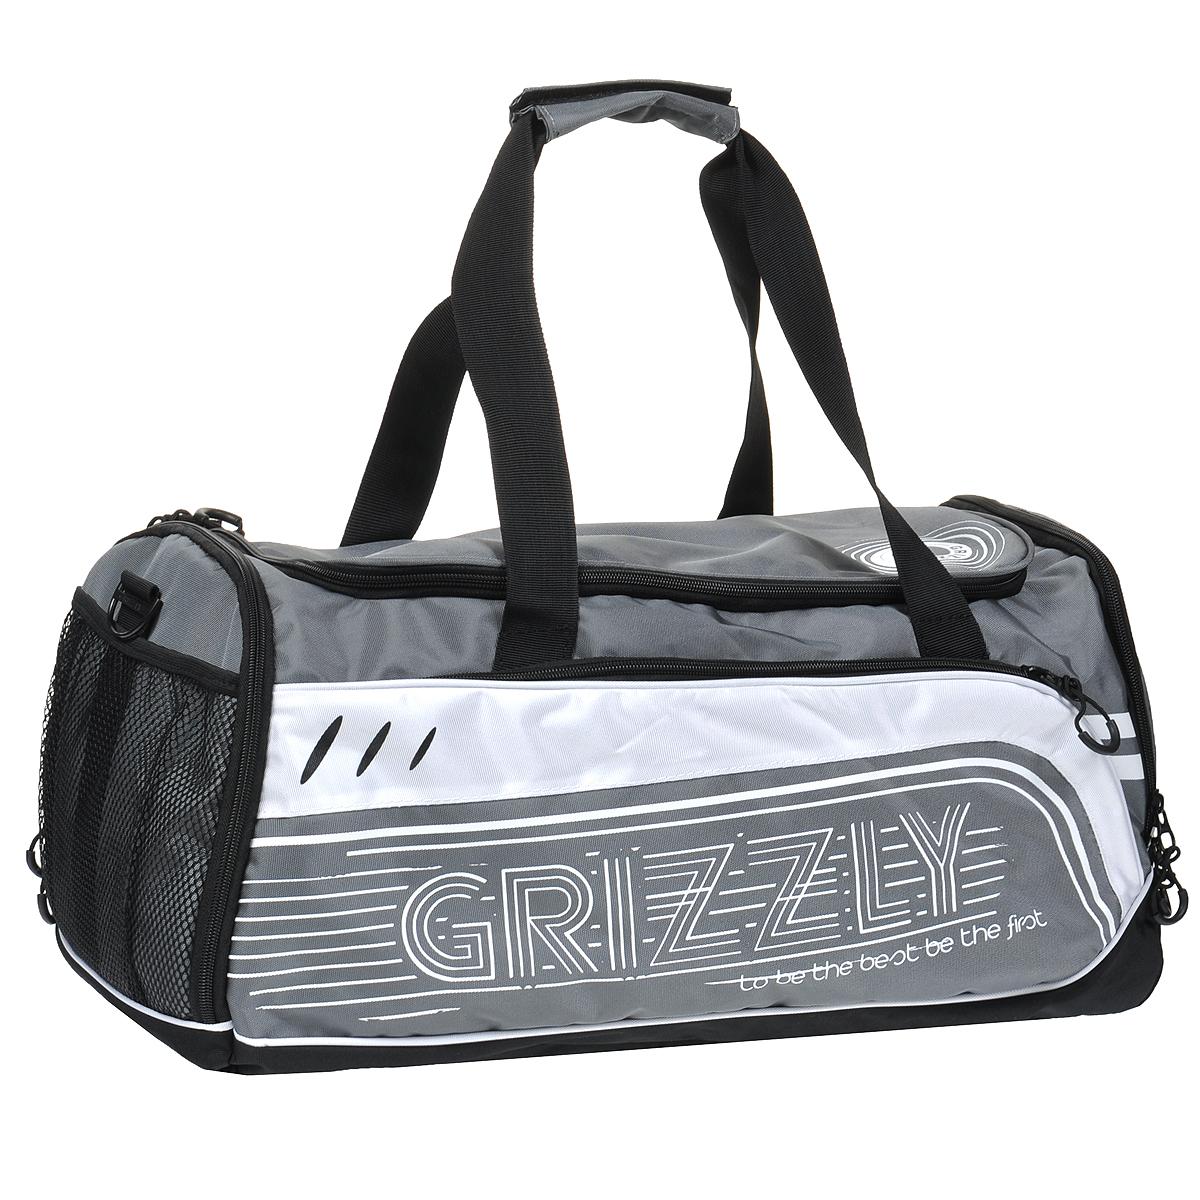 Сумка спортивная Grizzly, цвет: серый, черный. TU-415-2/3TU-415-2 Сумка спортивная /3 серыйСпортивная сумка Grizzly выполнена из полиэстера серого цвета и оформлена принтом. Сумка состоит из одного вместительного отделения, закрывающегося на застежку-молнию. Внутри карман на молнии. На лицевой стороне расположен вшитый кармашек на молнии. По бокам сумка имеет дополнительные карманы на молнии и карман сетку. Сумка оснащена двумя текстильными ручками, а также съемным плечевым ремнем регулируемой длины. Дно сумки уплотненное и оборудовано пластиковыми ножками для защиты сумки от загрязнения. Такая сумка идеально подойдет для поездок и походов в спортивный зал, в нее можно положить все необходимое.